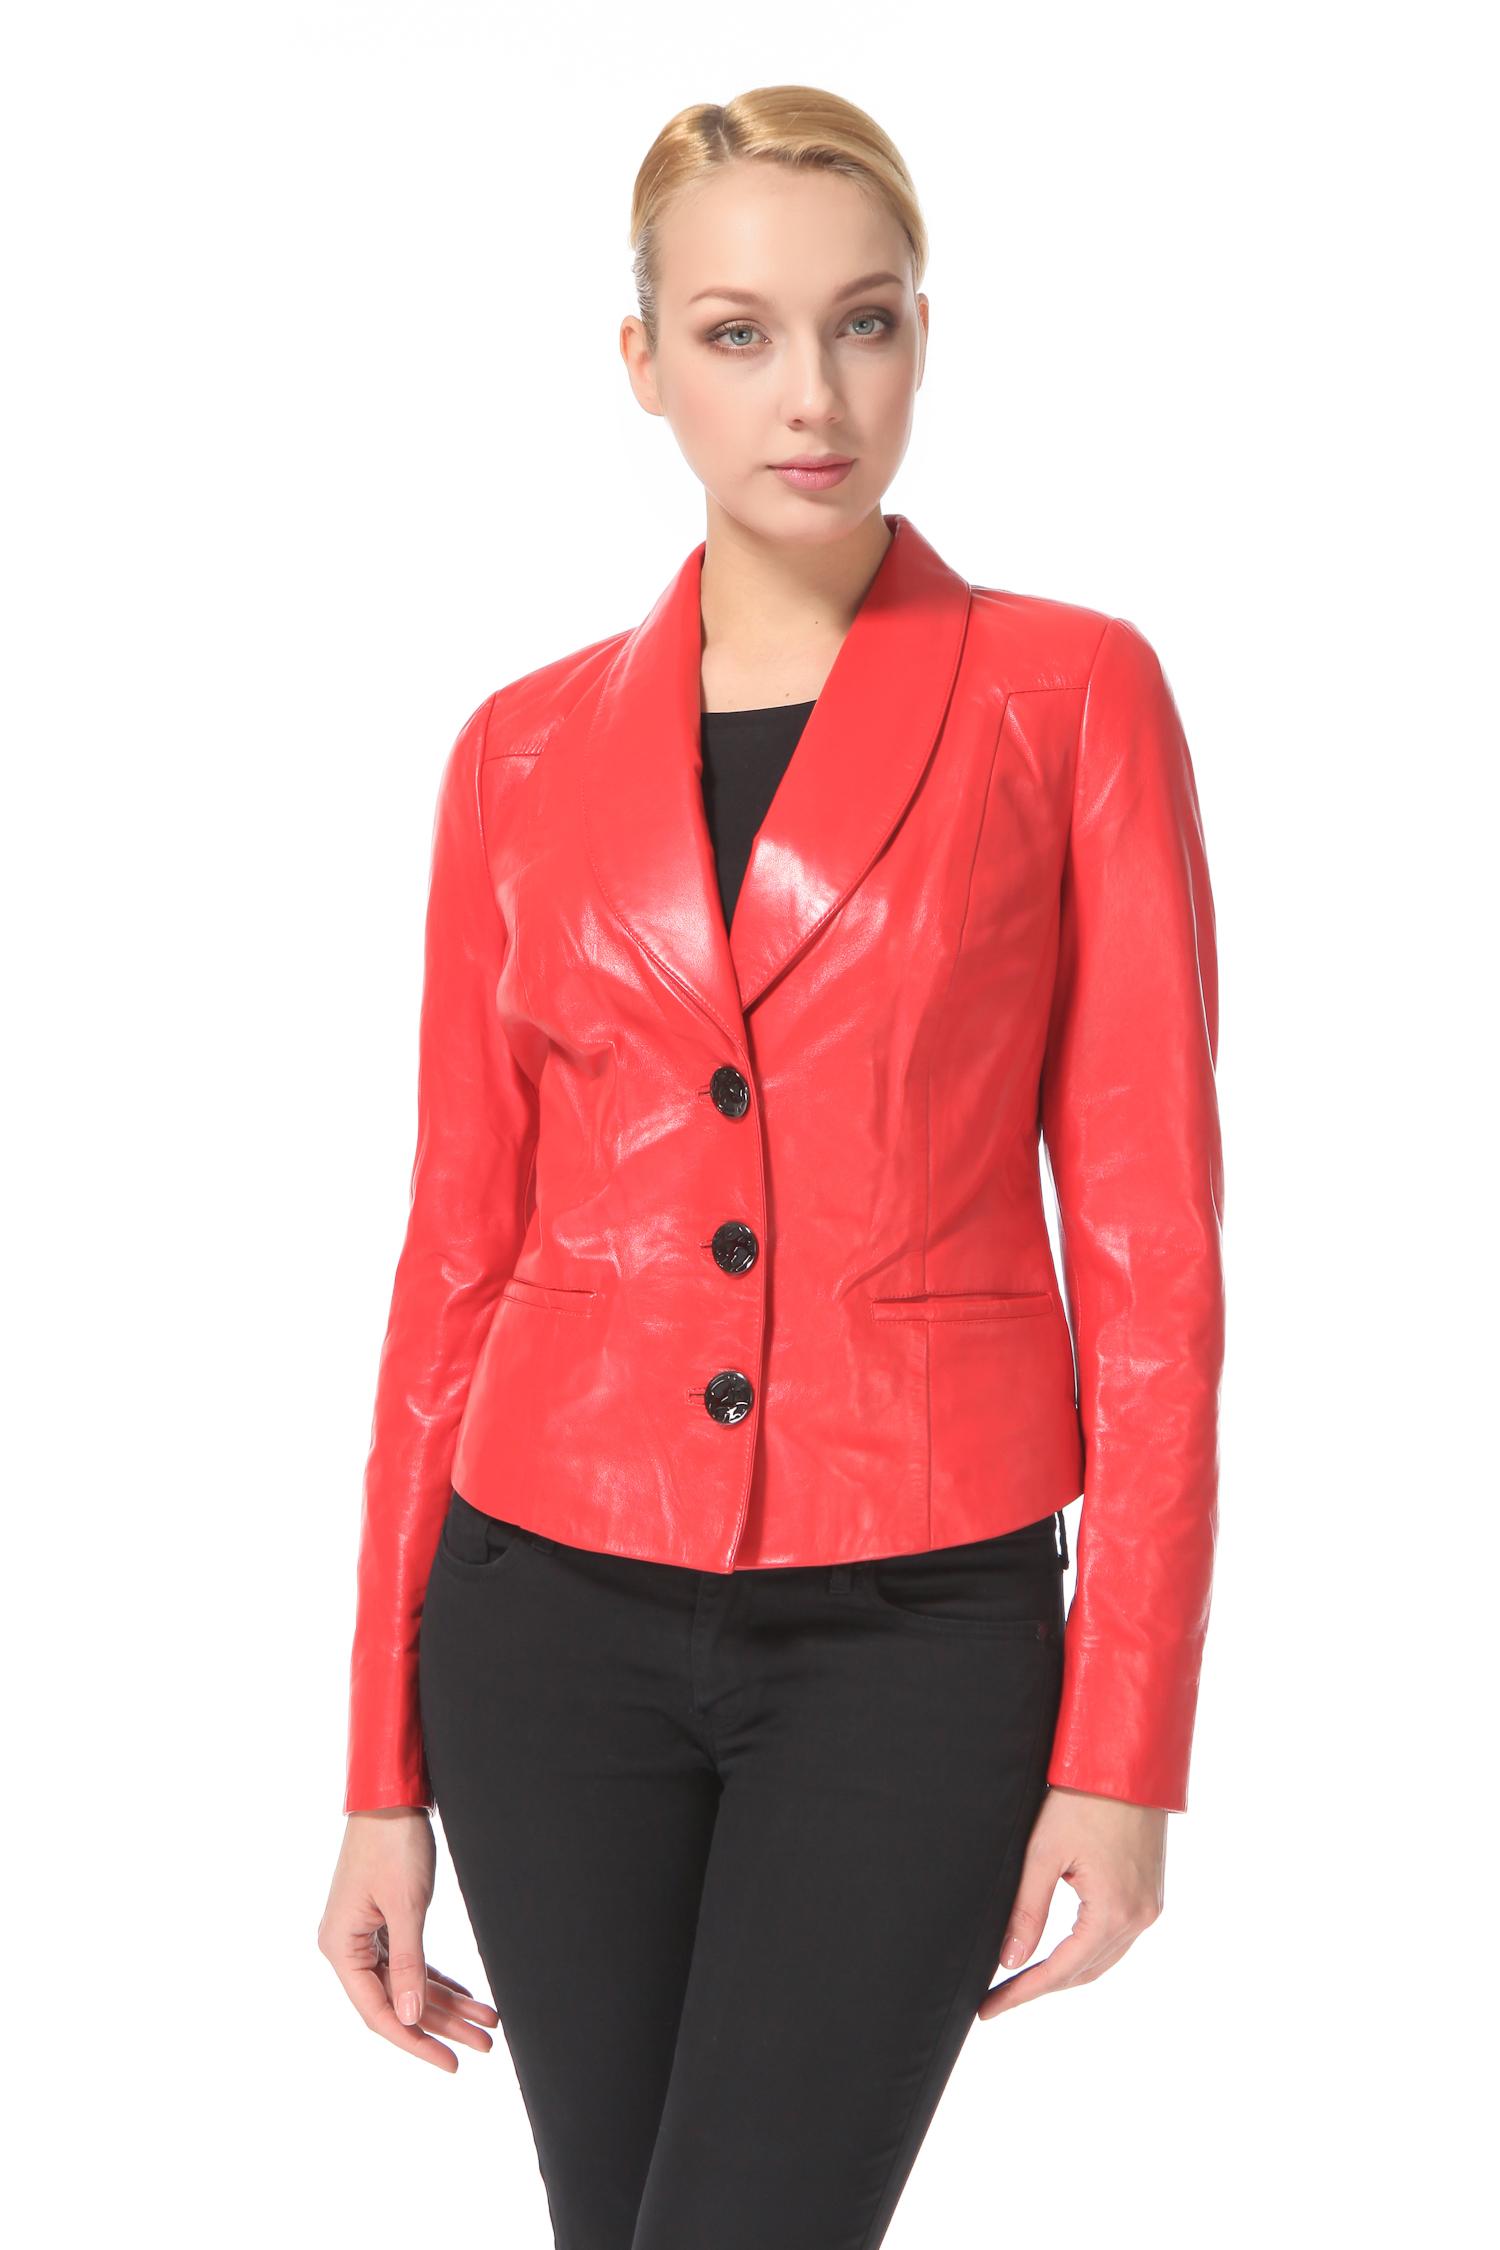 Женская кожаная куртка из натуральной кожи с воротником, без отделки<br><br>Воротник: Английский<br>Длина см: 50<br>Материал: Натуральная кожа<br>Цвет: Красный<br>Пол: Женский